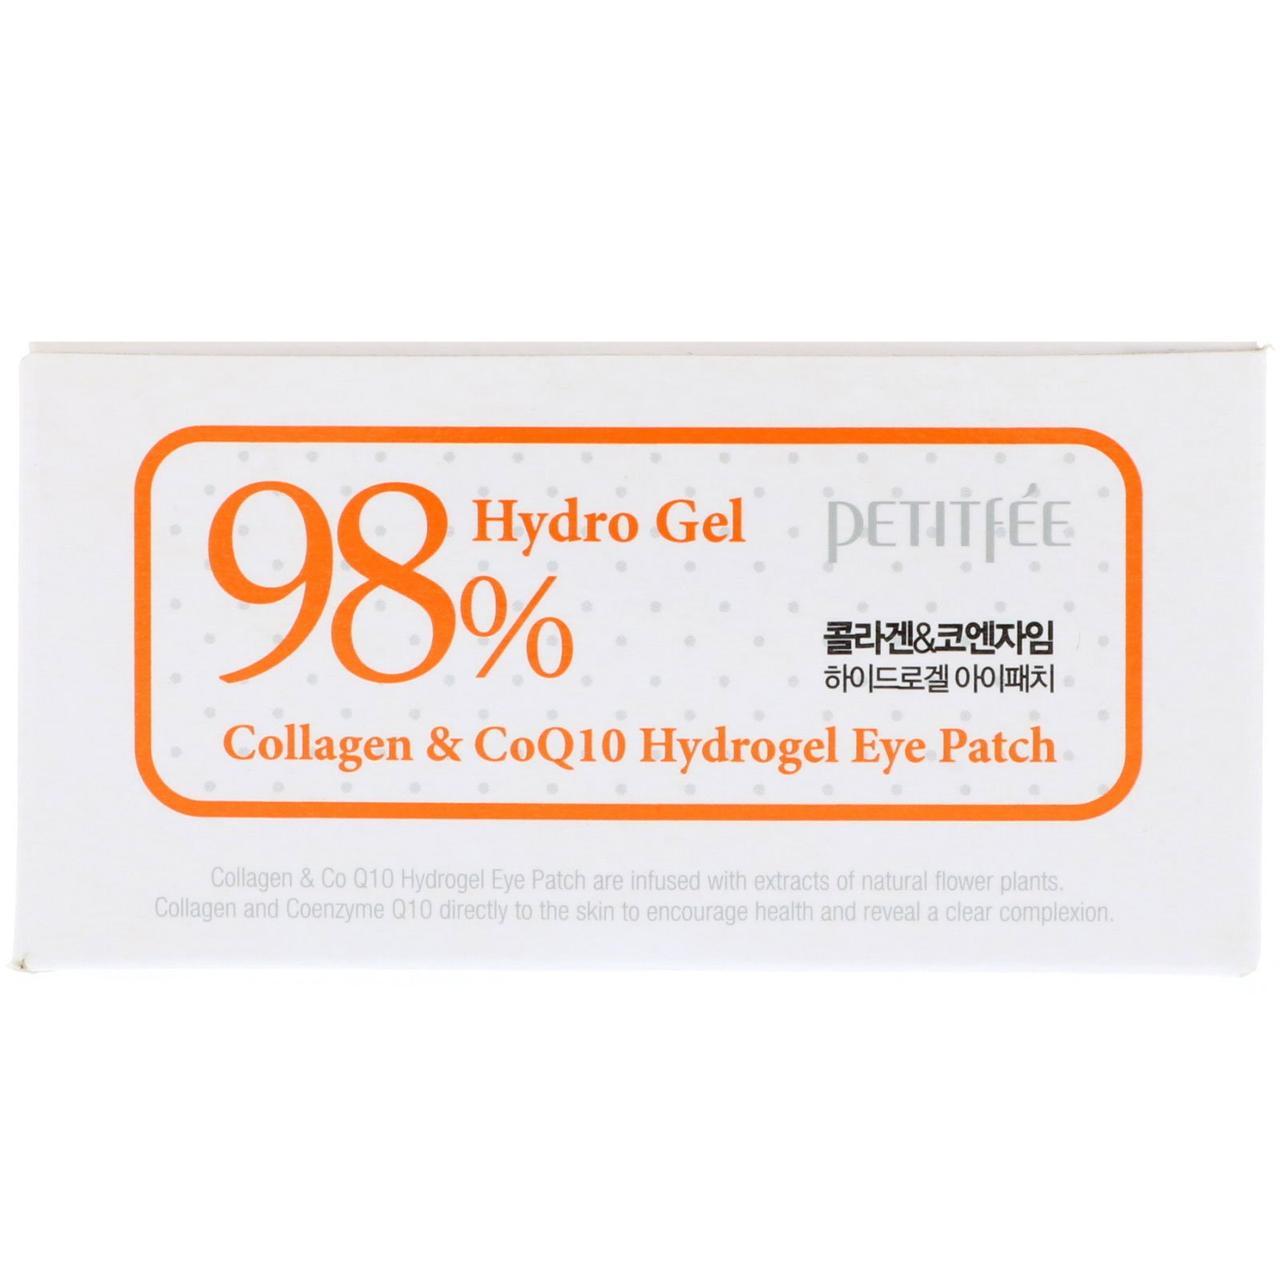 Petitfee, Патчи для глаз с коллагеном и гидрогелем CoQ10, 60 шт, 1,4 г каждый